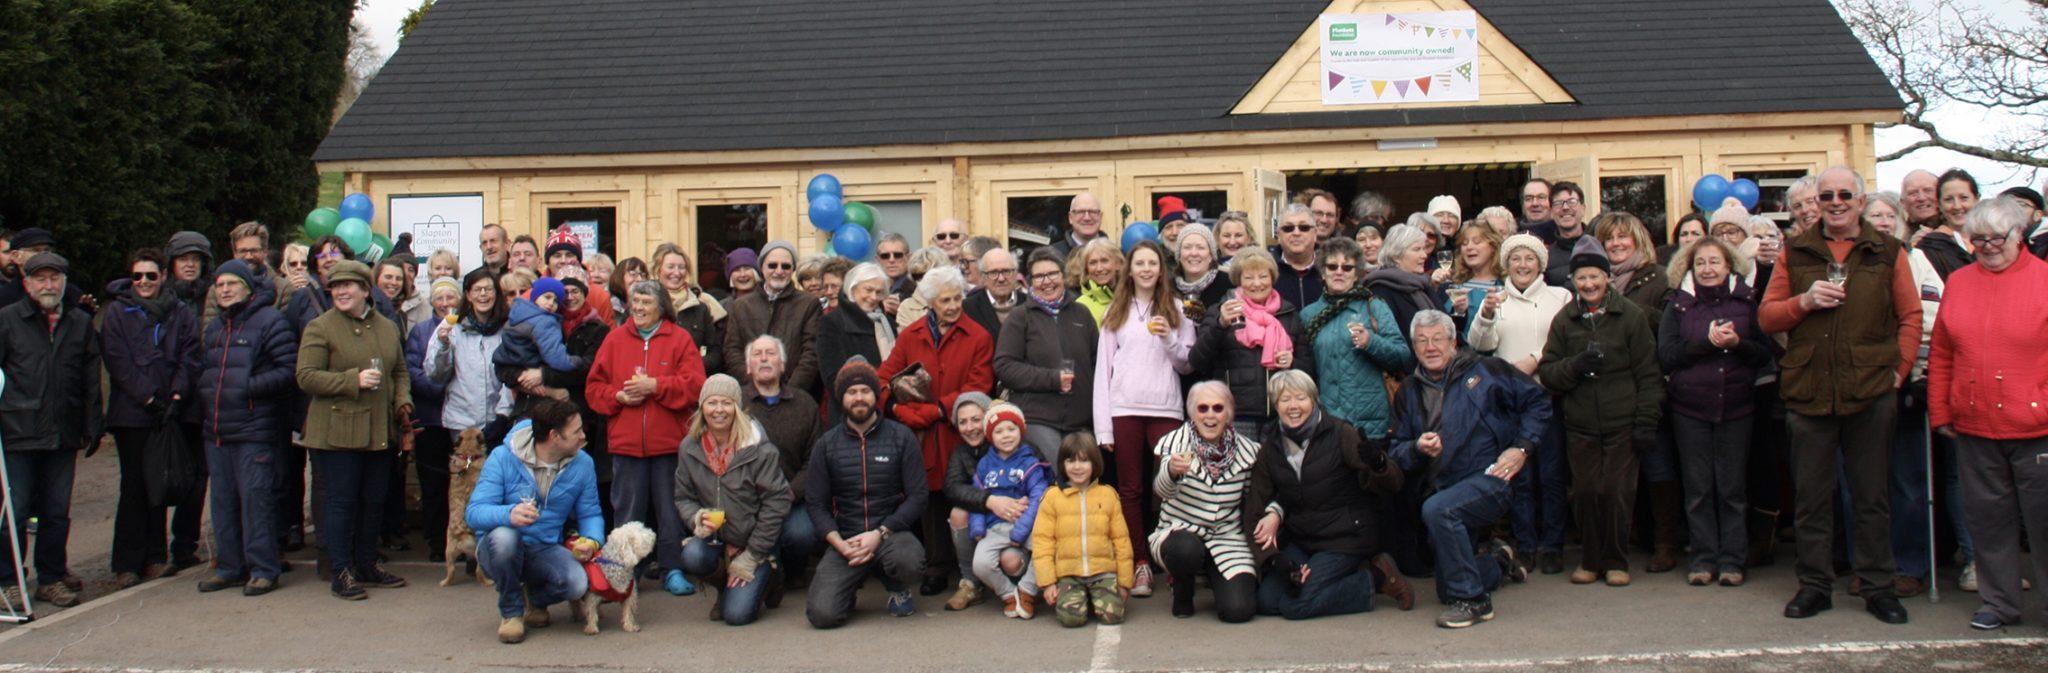 Slapton celebrates taking the store into community ownership